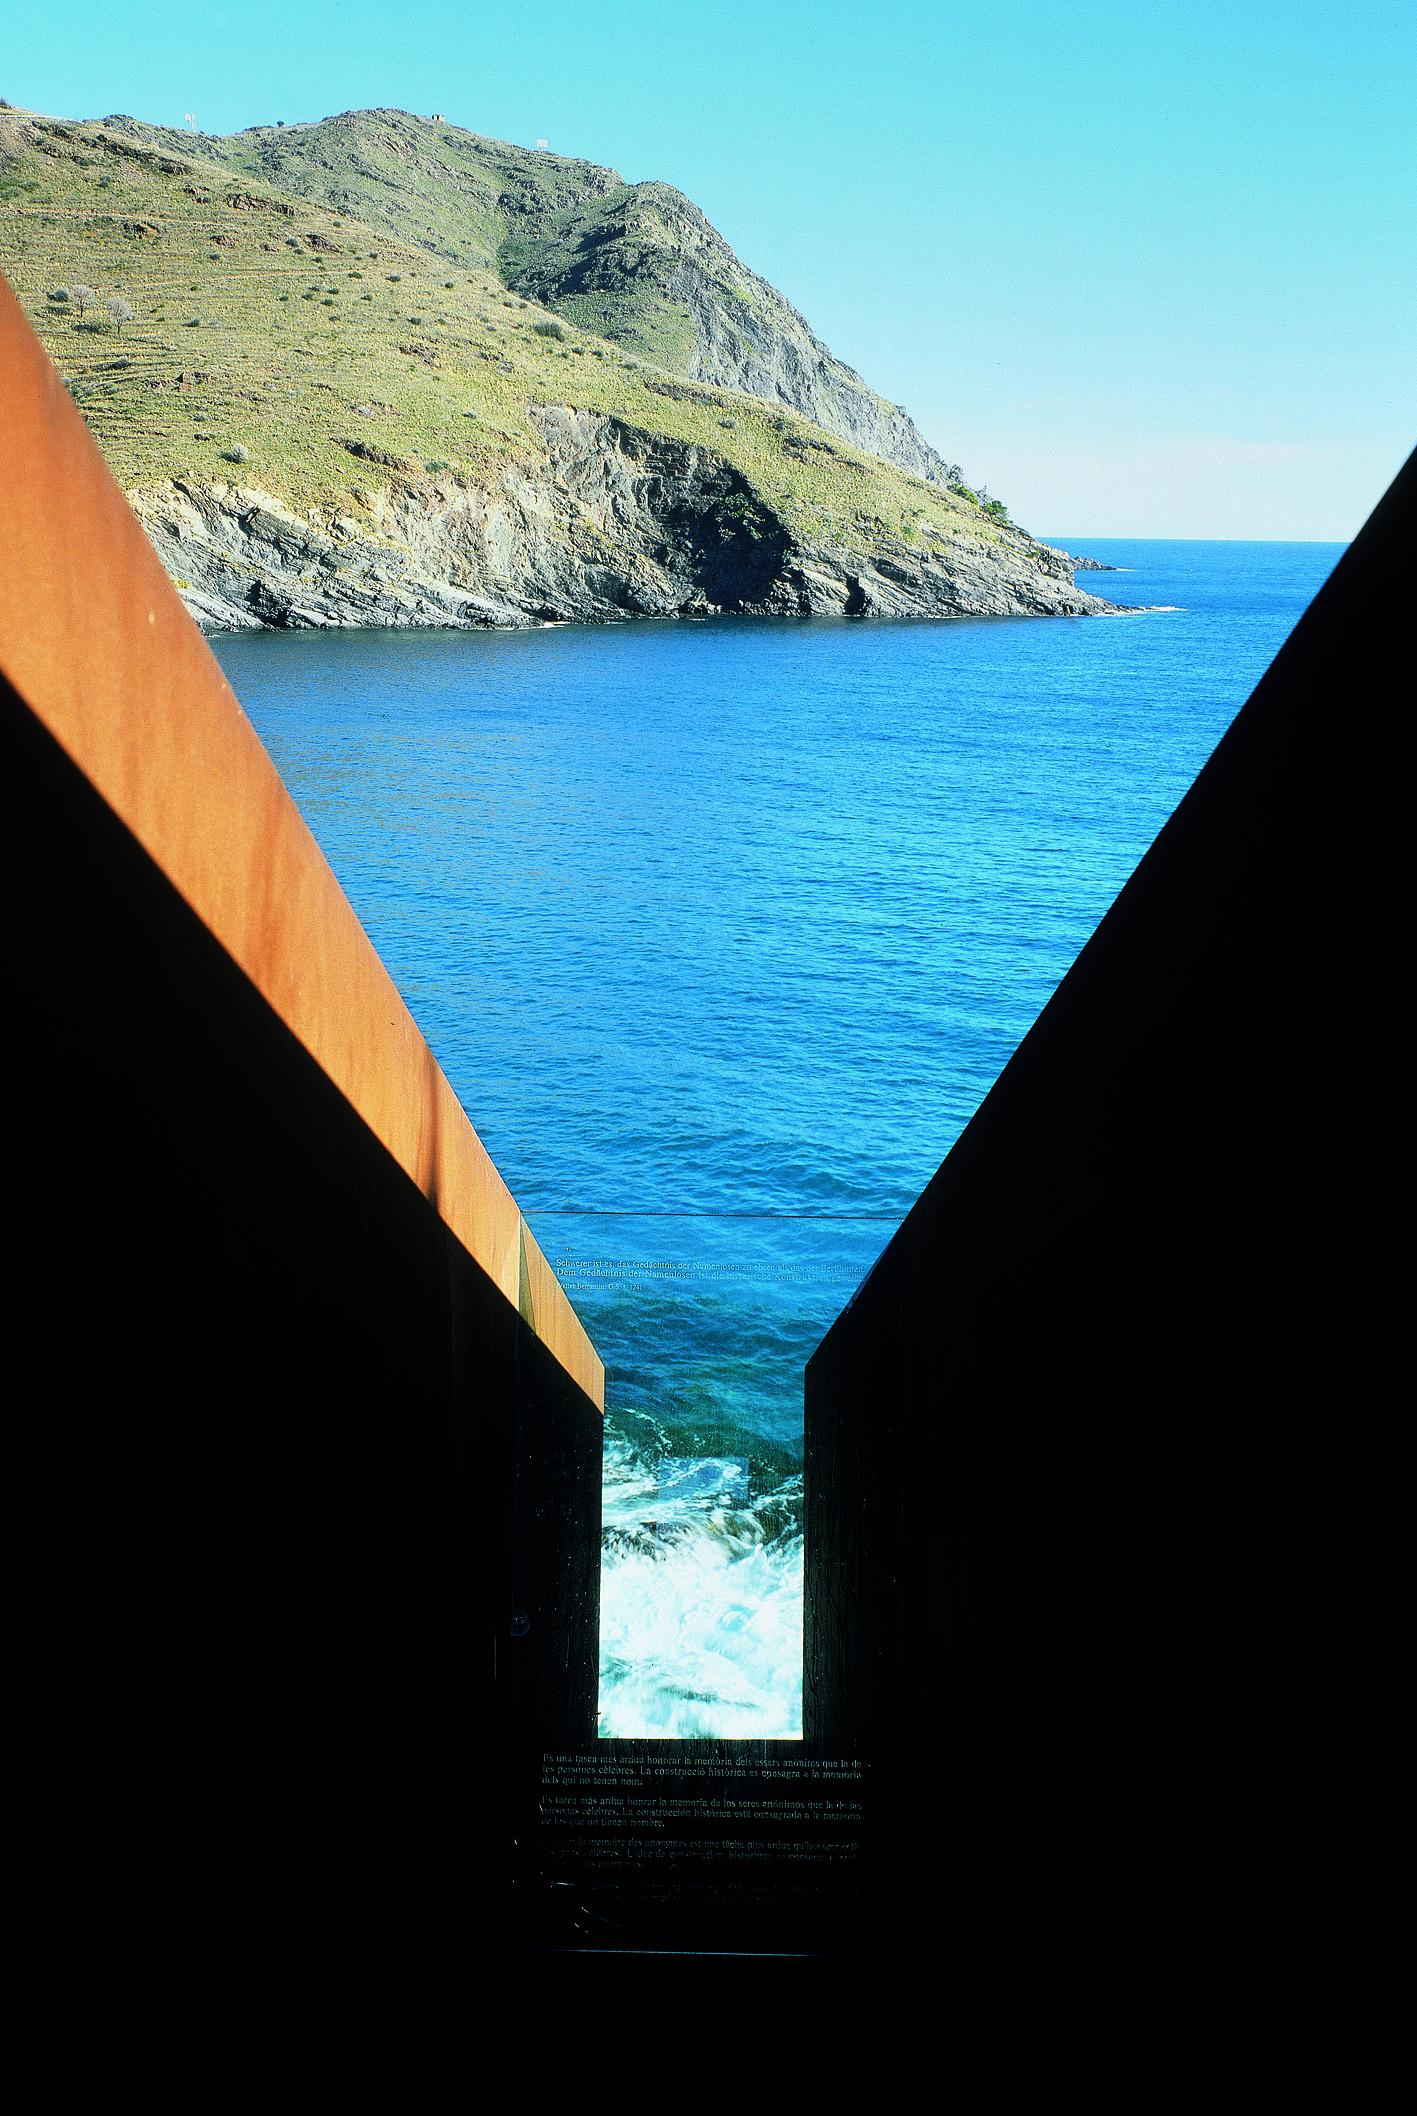 6. Pasaże, Miejsce Pamięci Whołdzie Walterowi Benjaminowi, 1990-1994 Portbou, Hiszpania